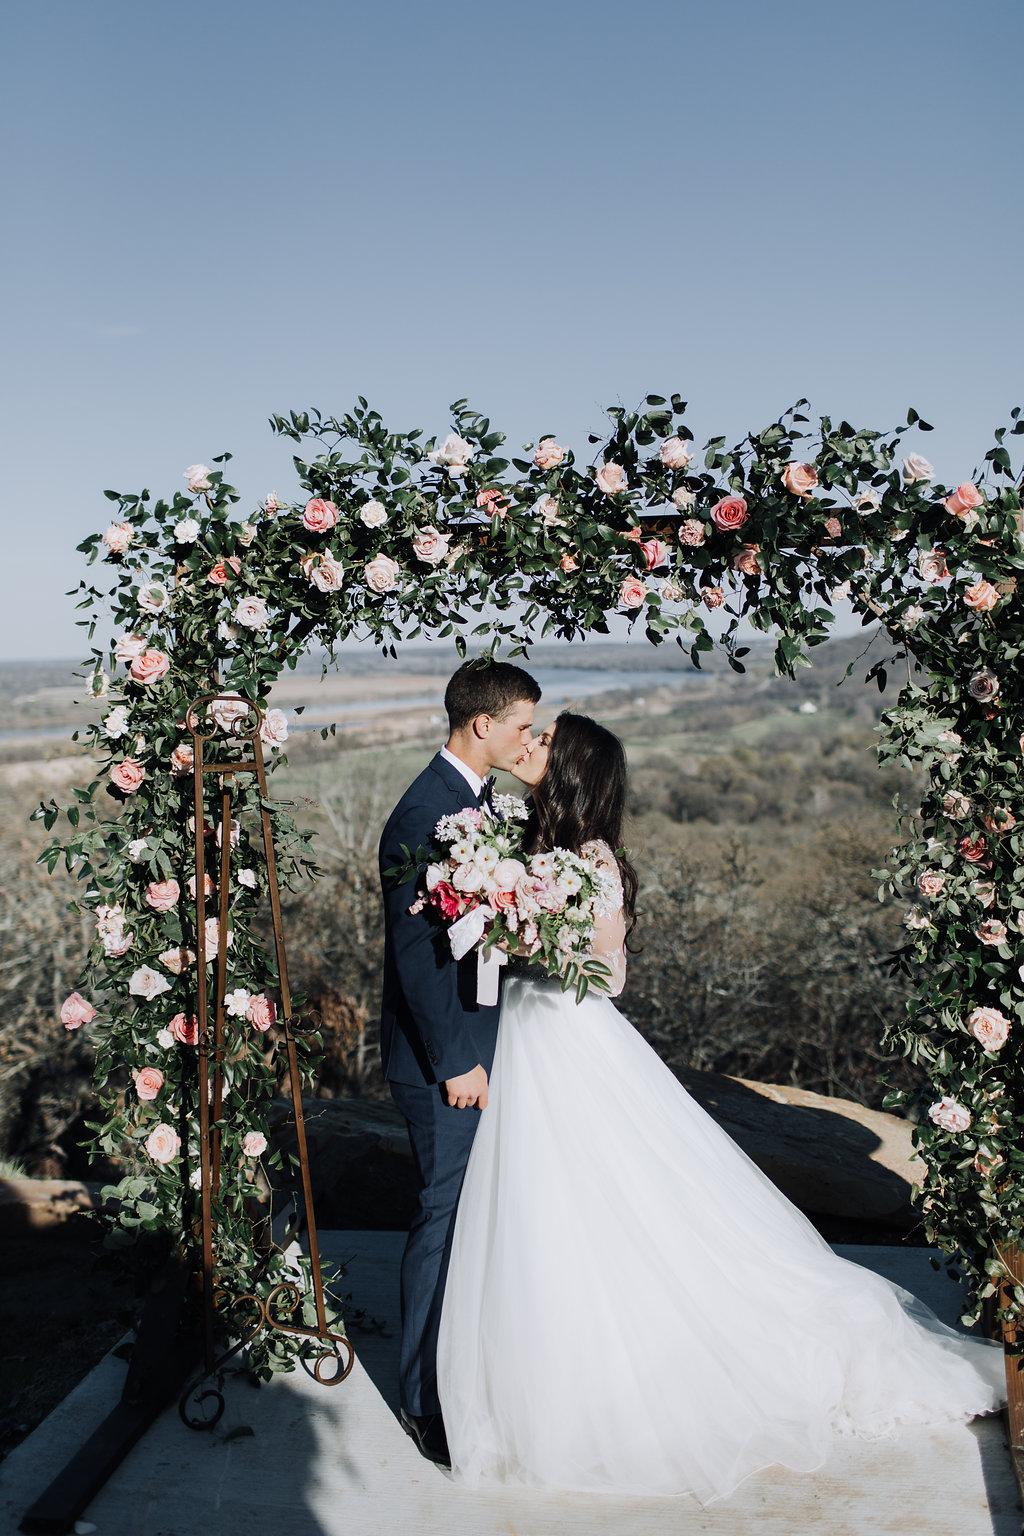 Tulsa Wedding Venue outdoor ceremony 8.jpg